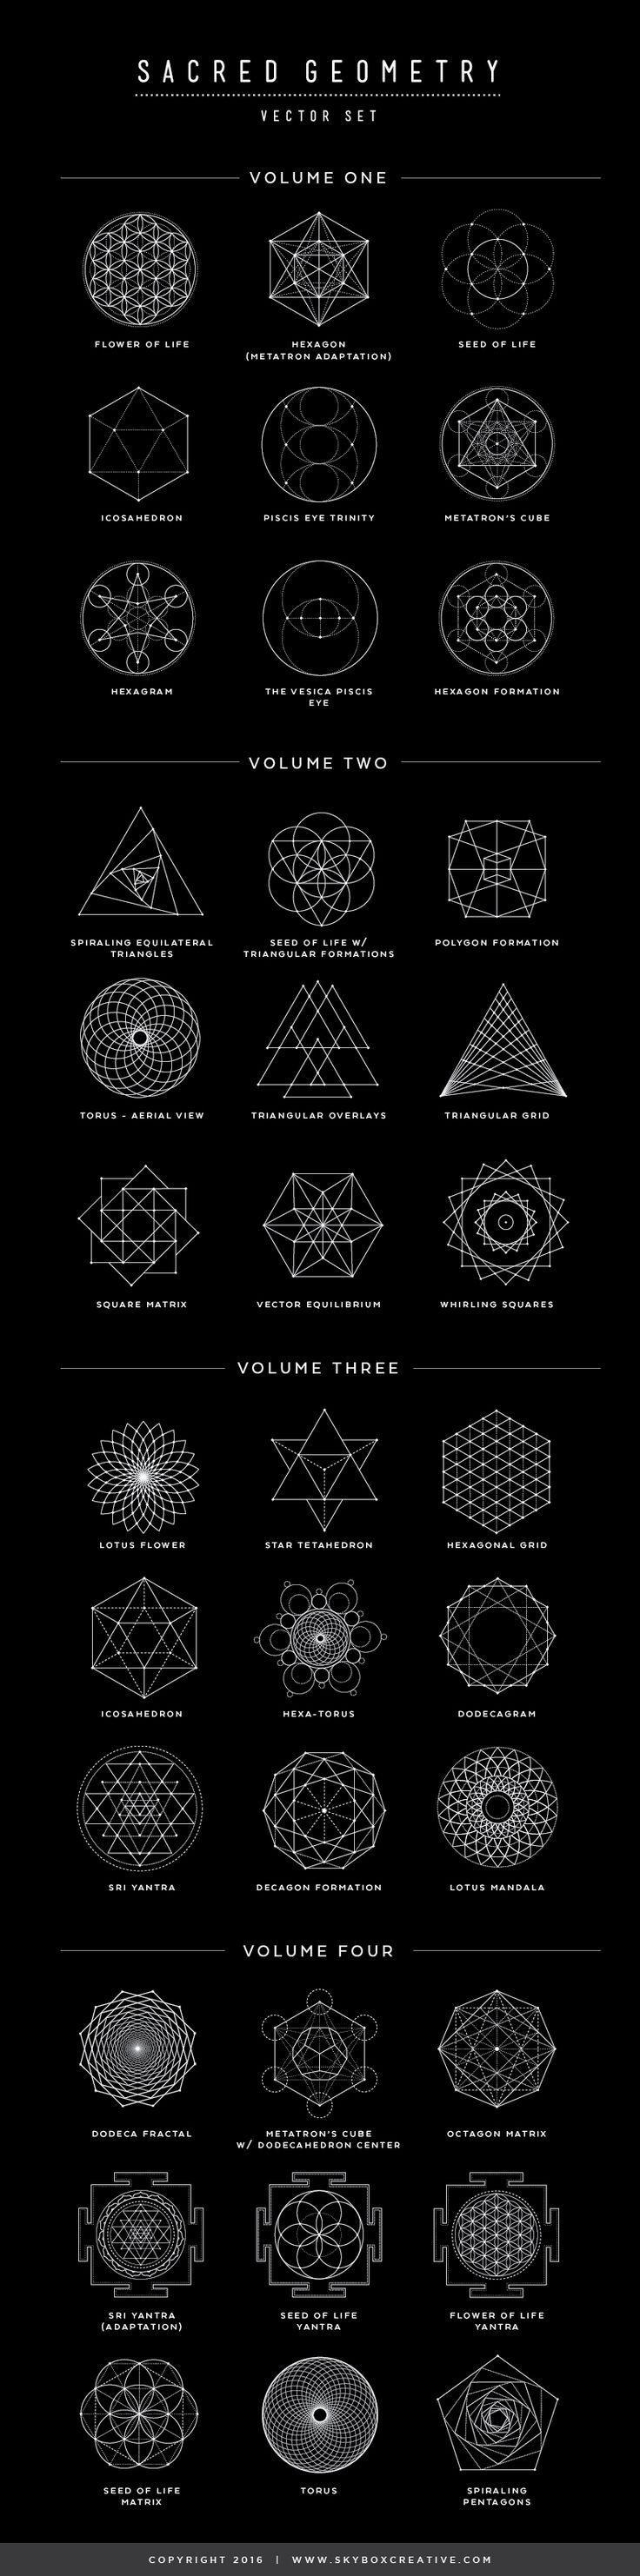 Geometrische Tätowierung - Heilige Geometriesymbole, ihre Namen und Bedeutungen - Tolle Tätow... #greatnames